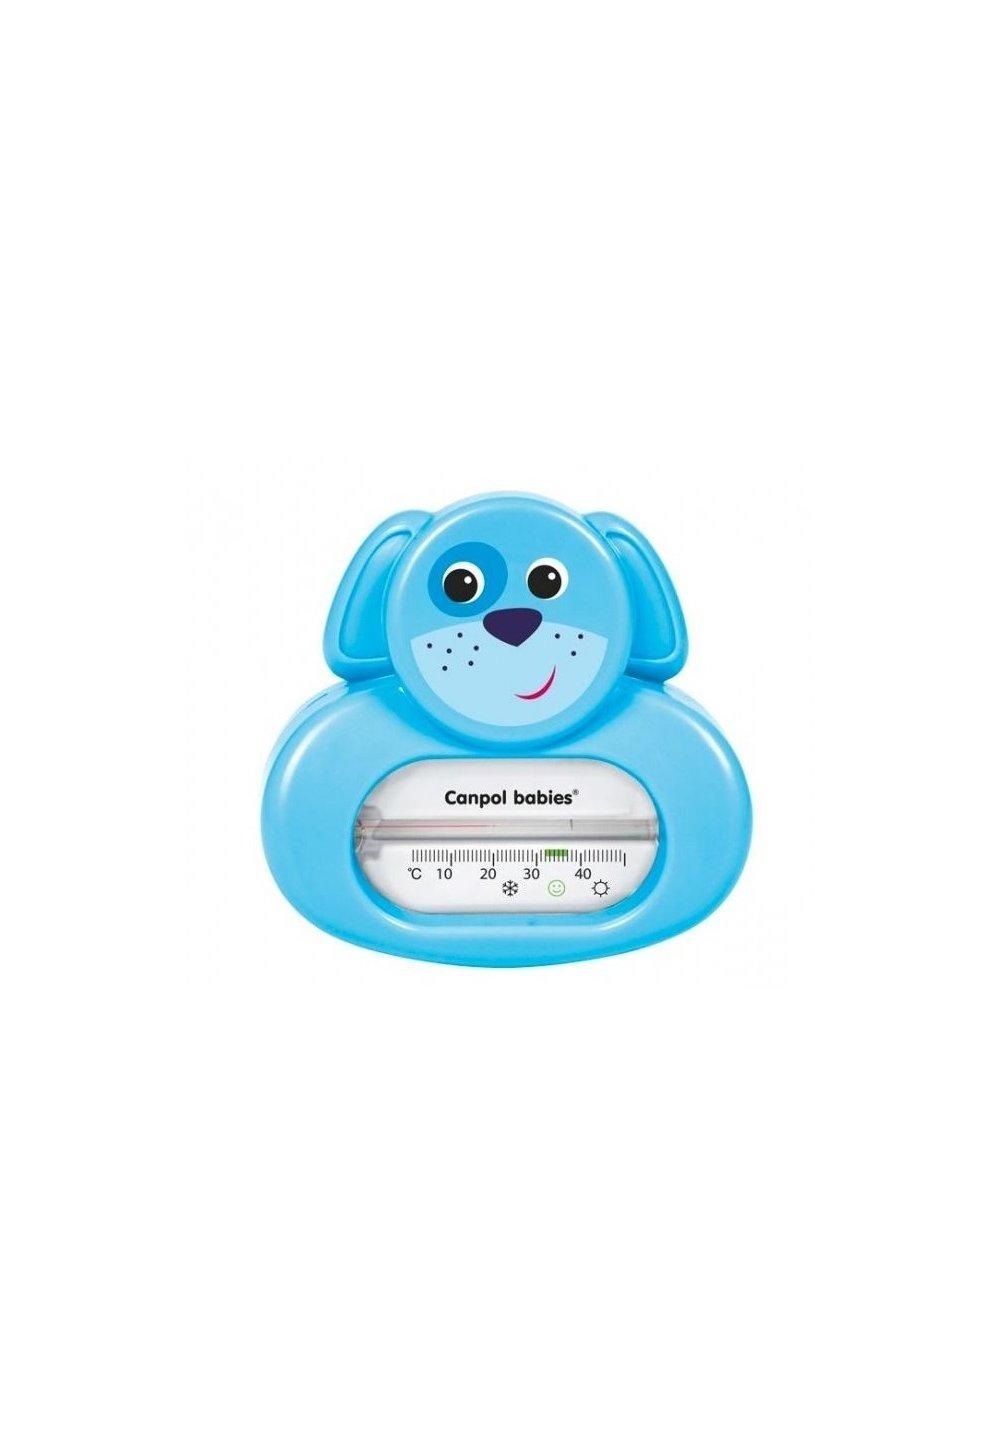 Termometru pentru baie, catel, albastru imagine